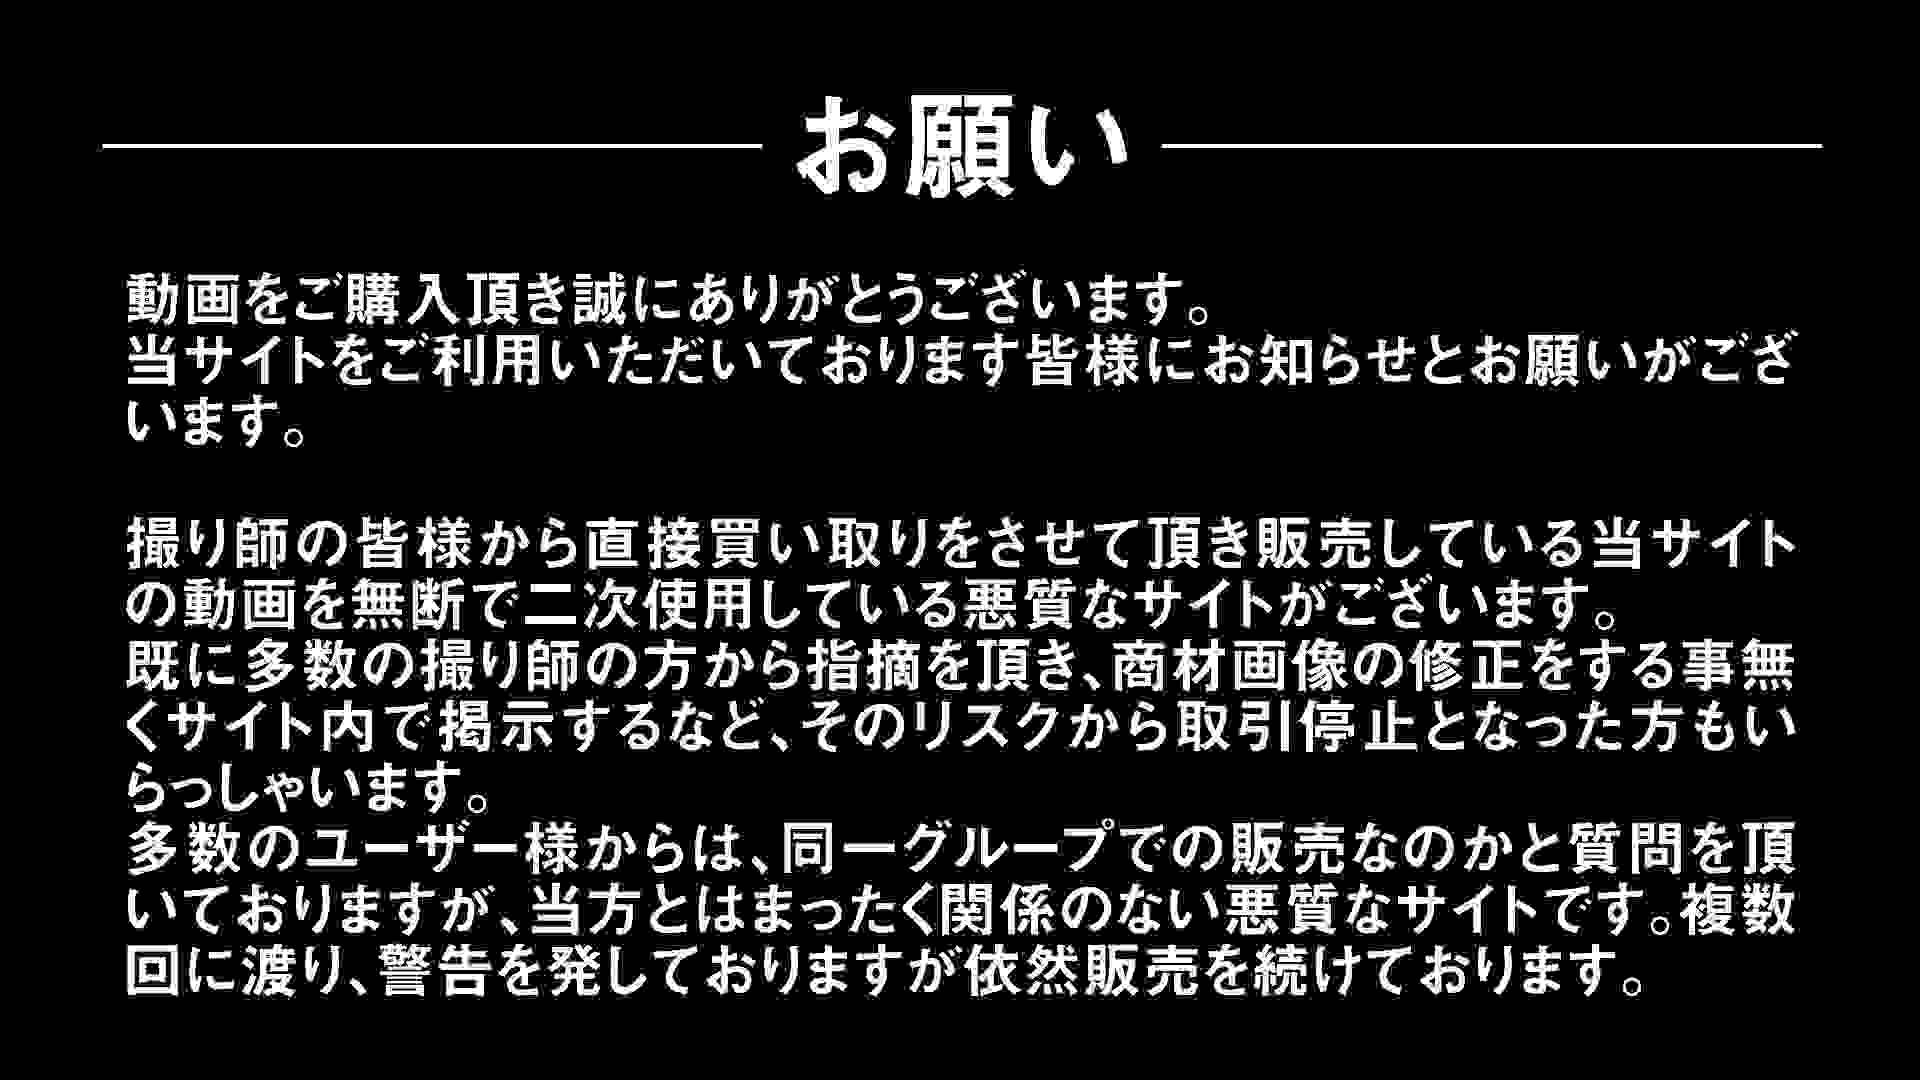 Aquaな露天風呂Vol.294 盗撮 性交動画流出 84枚 26